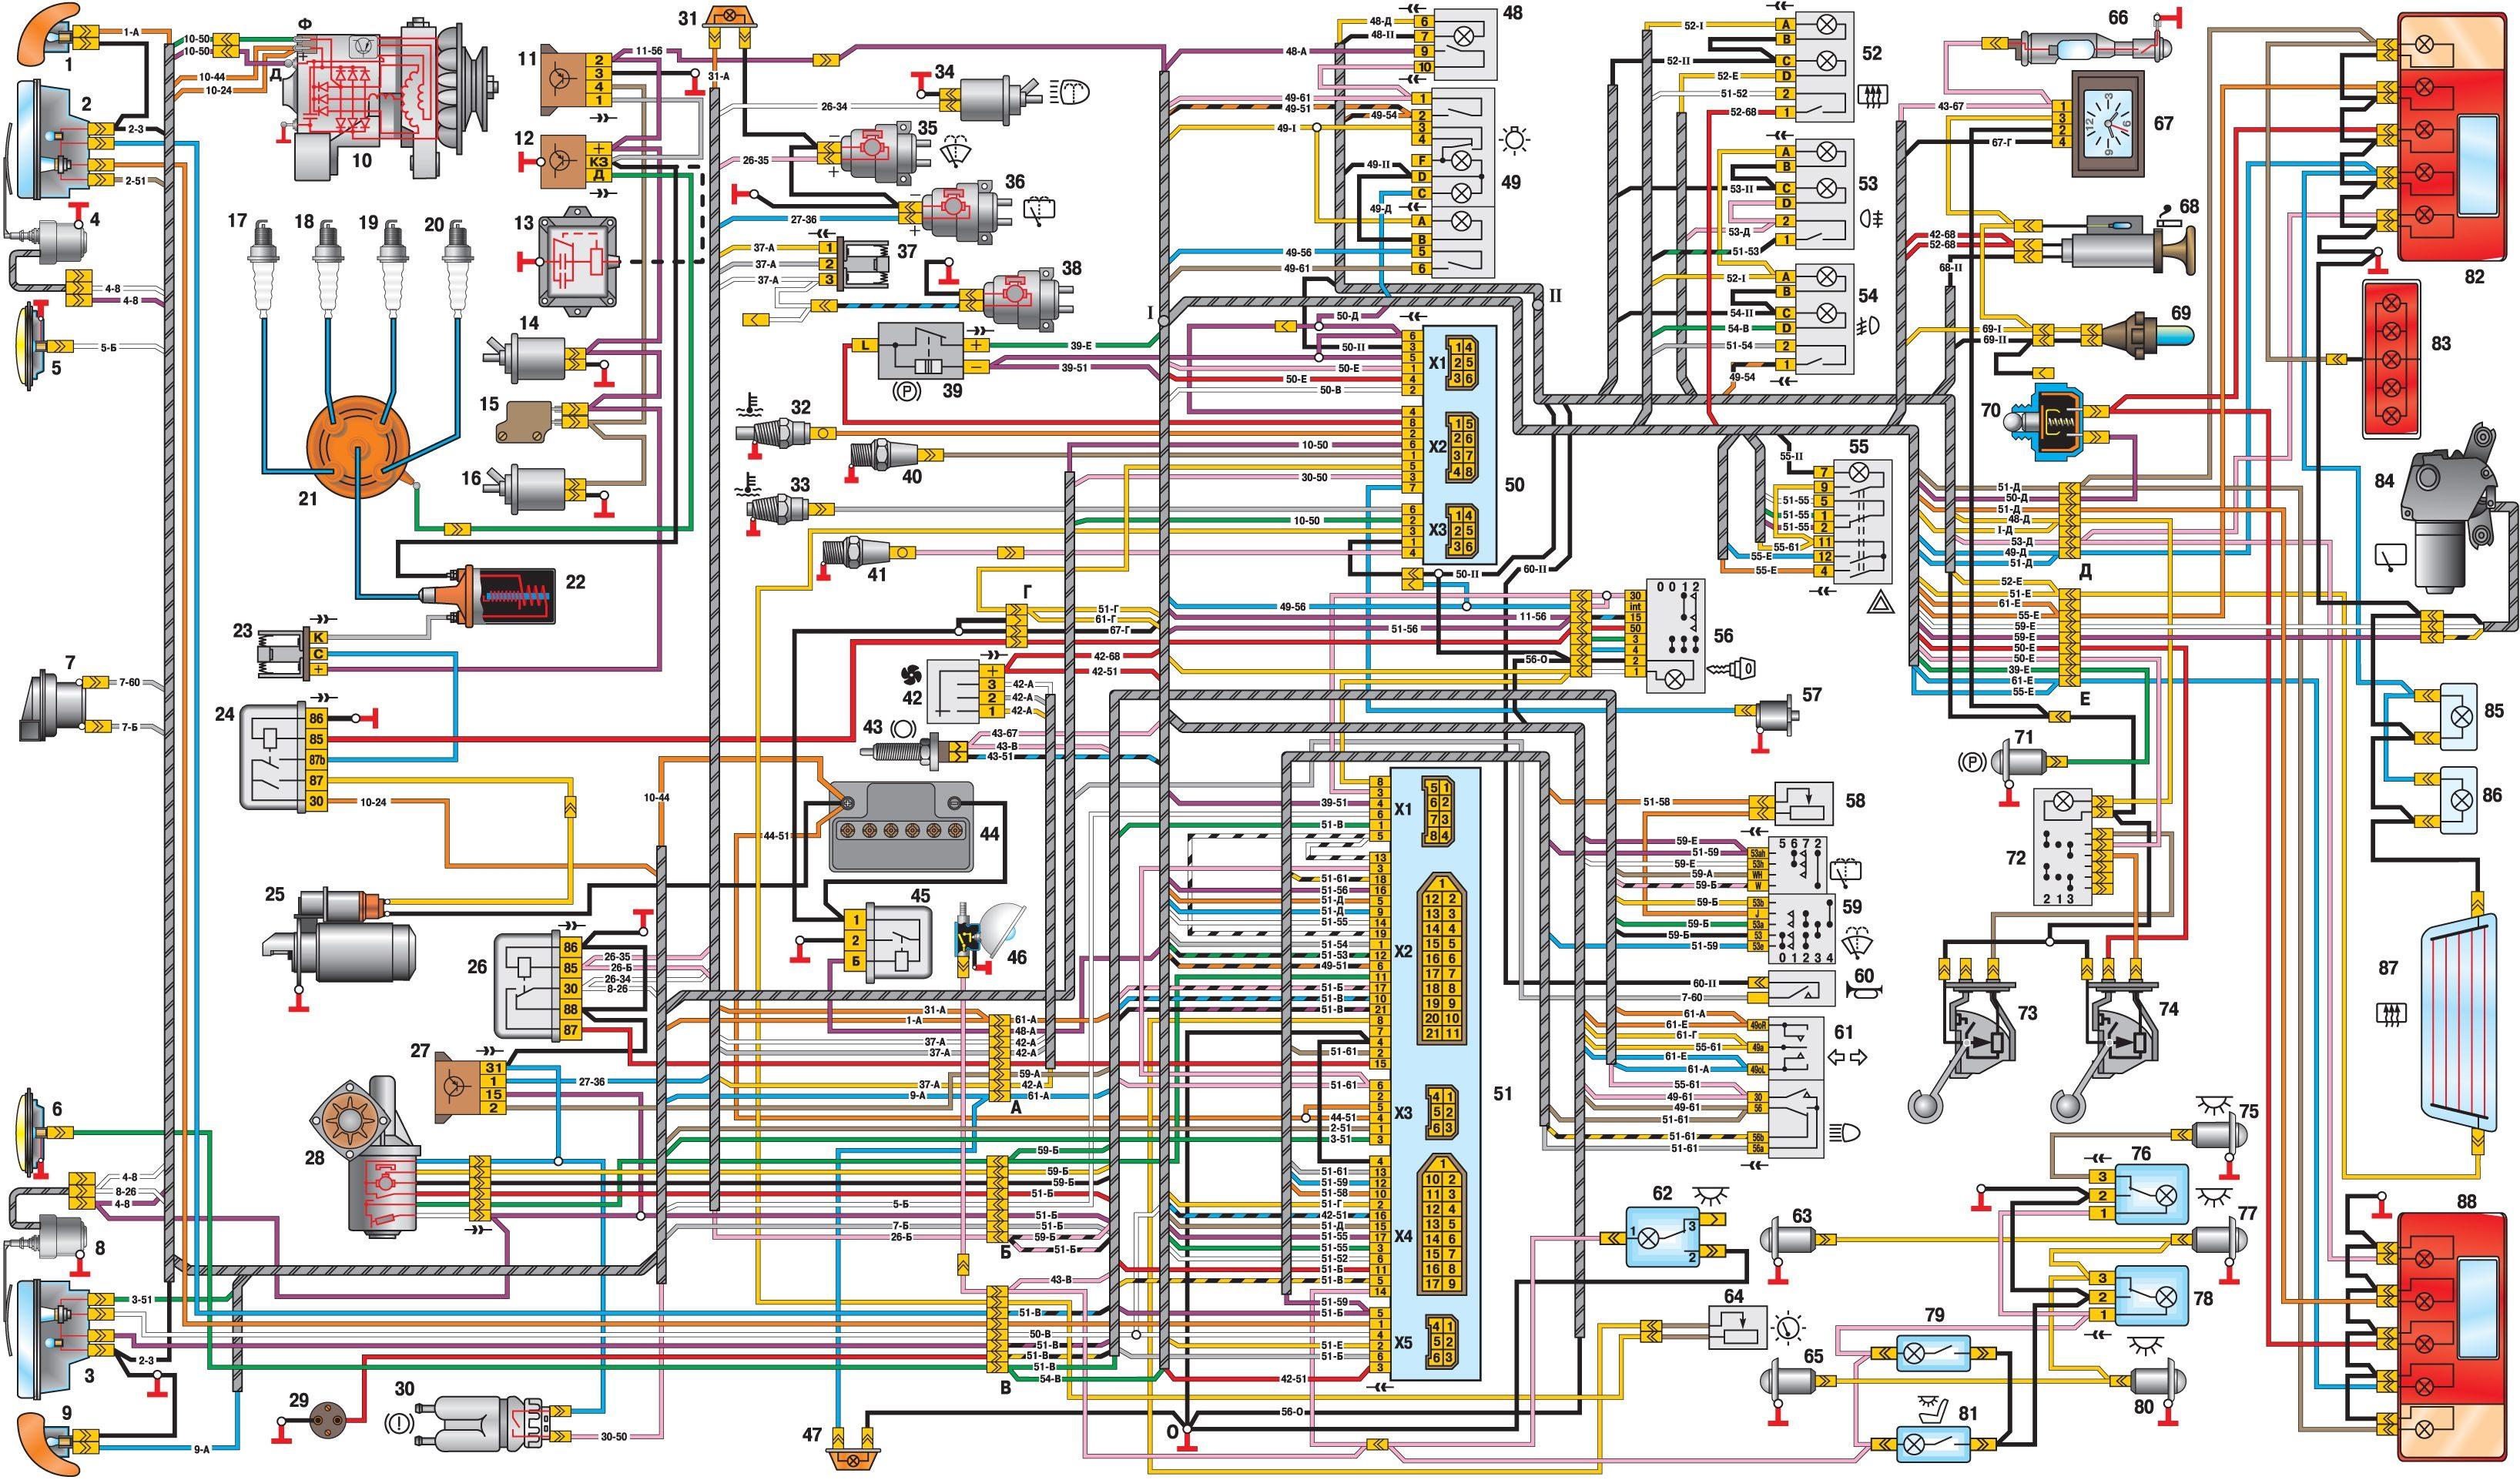 Схема эл проводки ваз 2106 схемы Главная страница схема машины ваз 2106 электро где скачать схему эл проводки ваз...